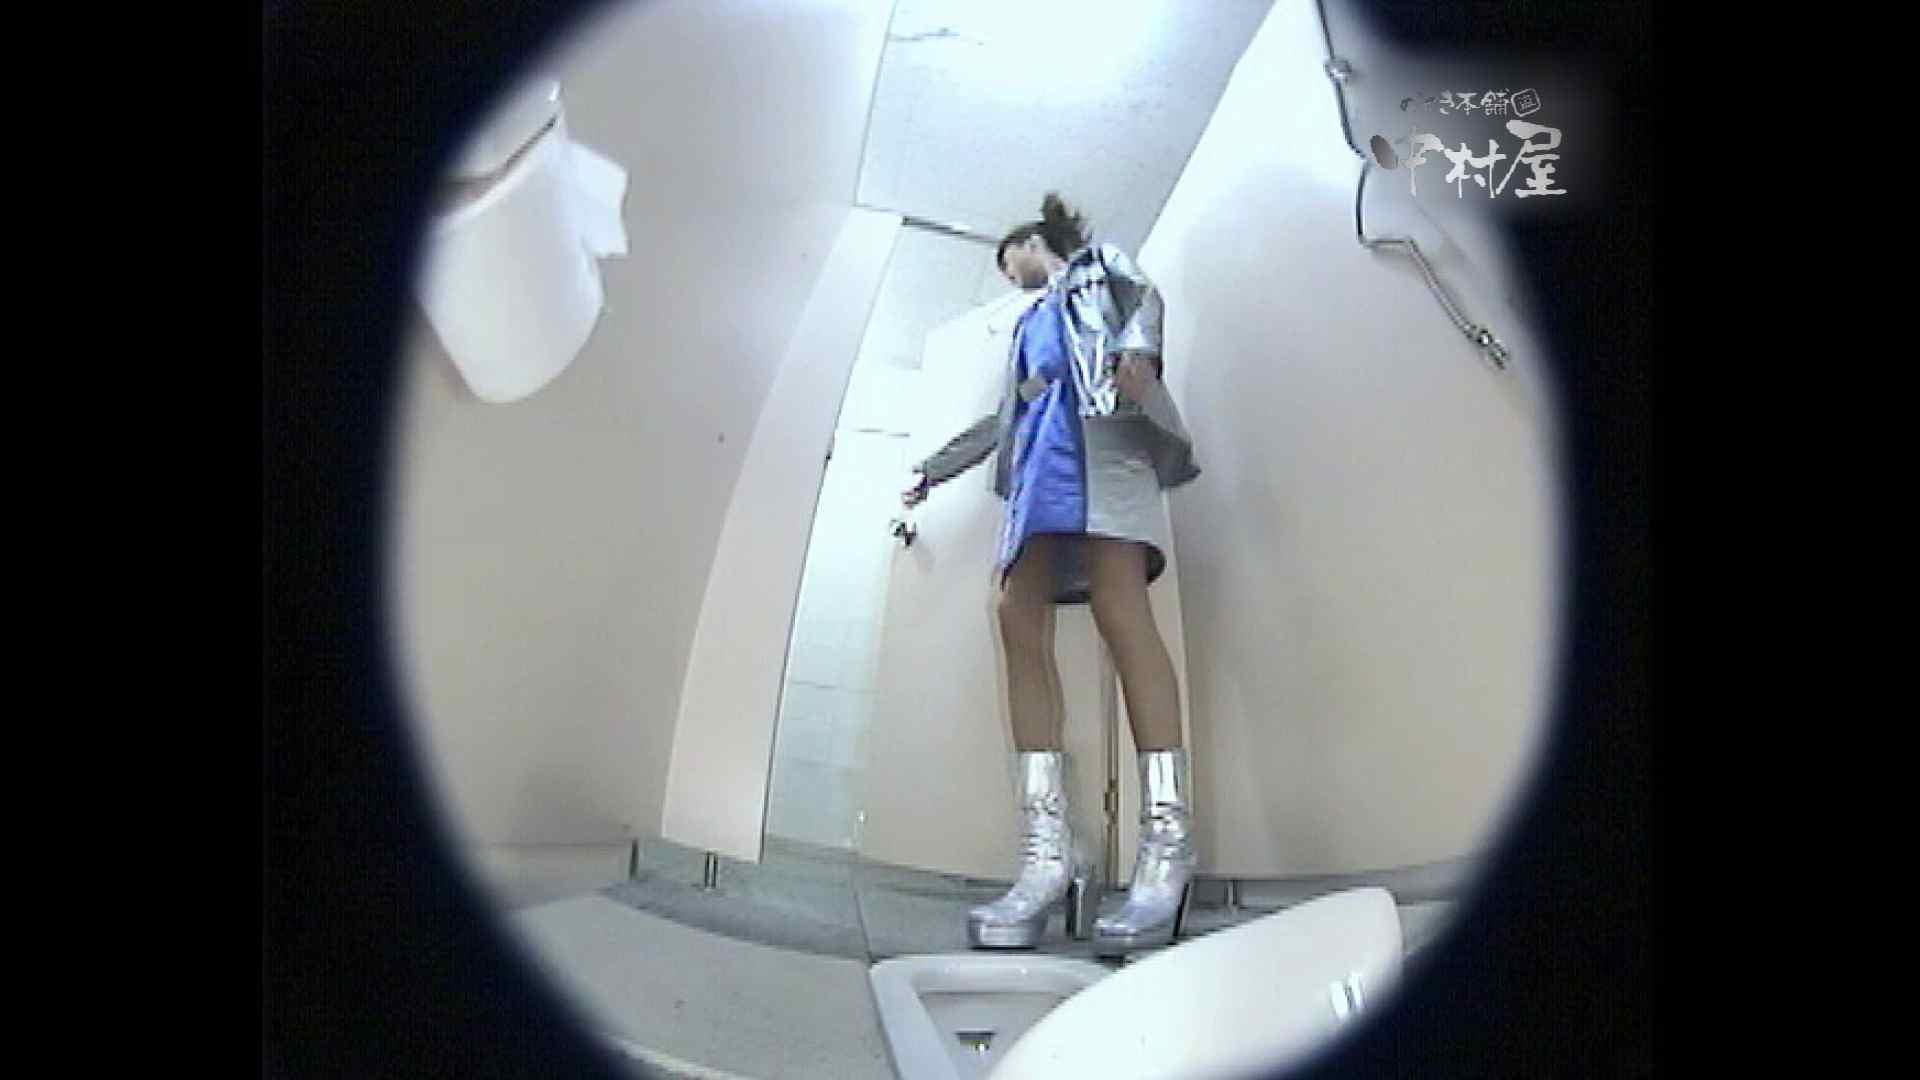 レースクィーントイレ盗撮!Vol.15 OLのプライベート オメコ動画キャプチャ 11pic 2